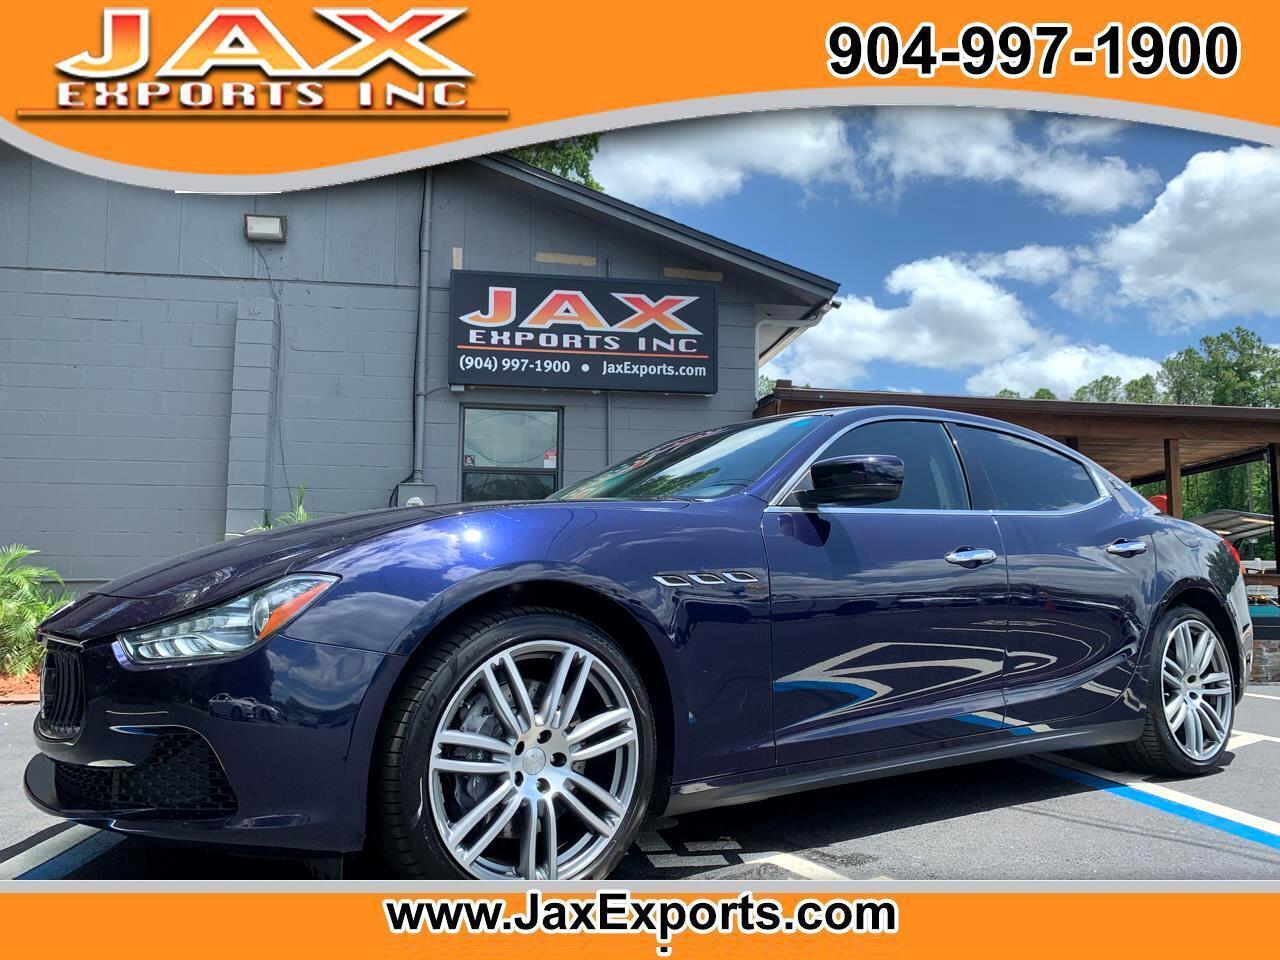 2014 Maserati Ghibli Jacksonville FL